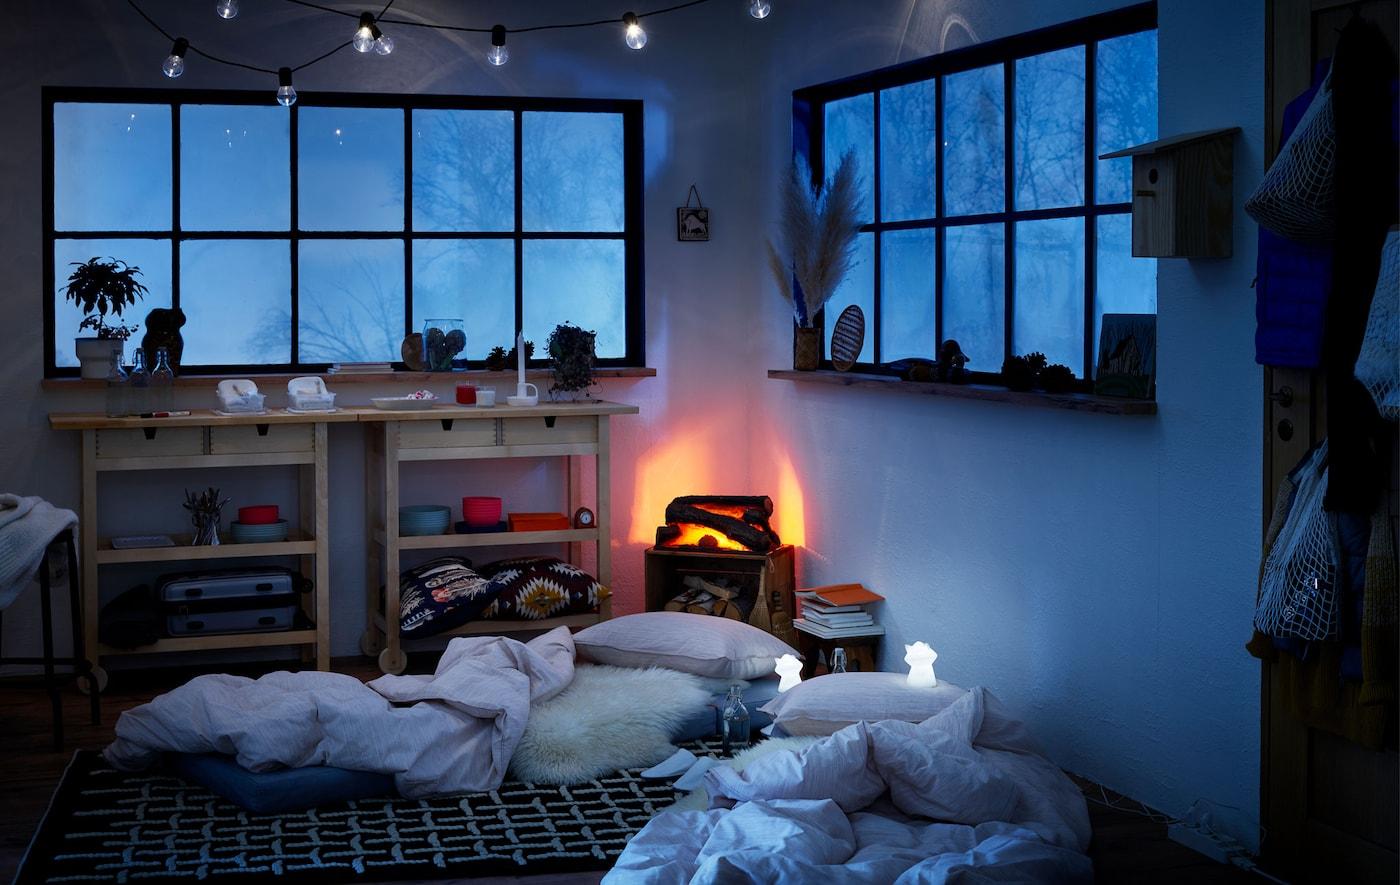 Gemütlich eingerichtete Hütte mit Matratzen auf dem Boden und LED-Lichtern